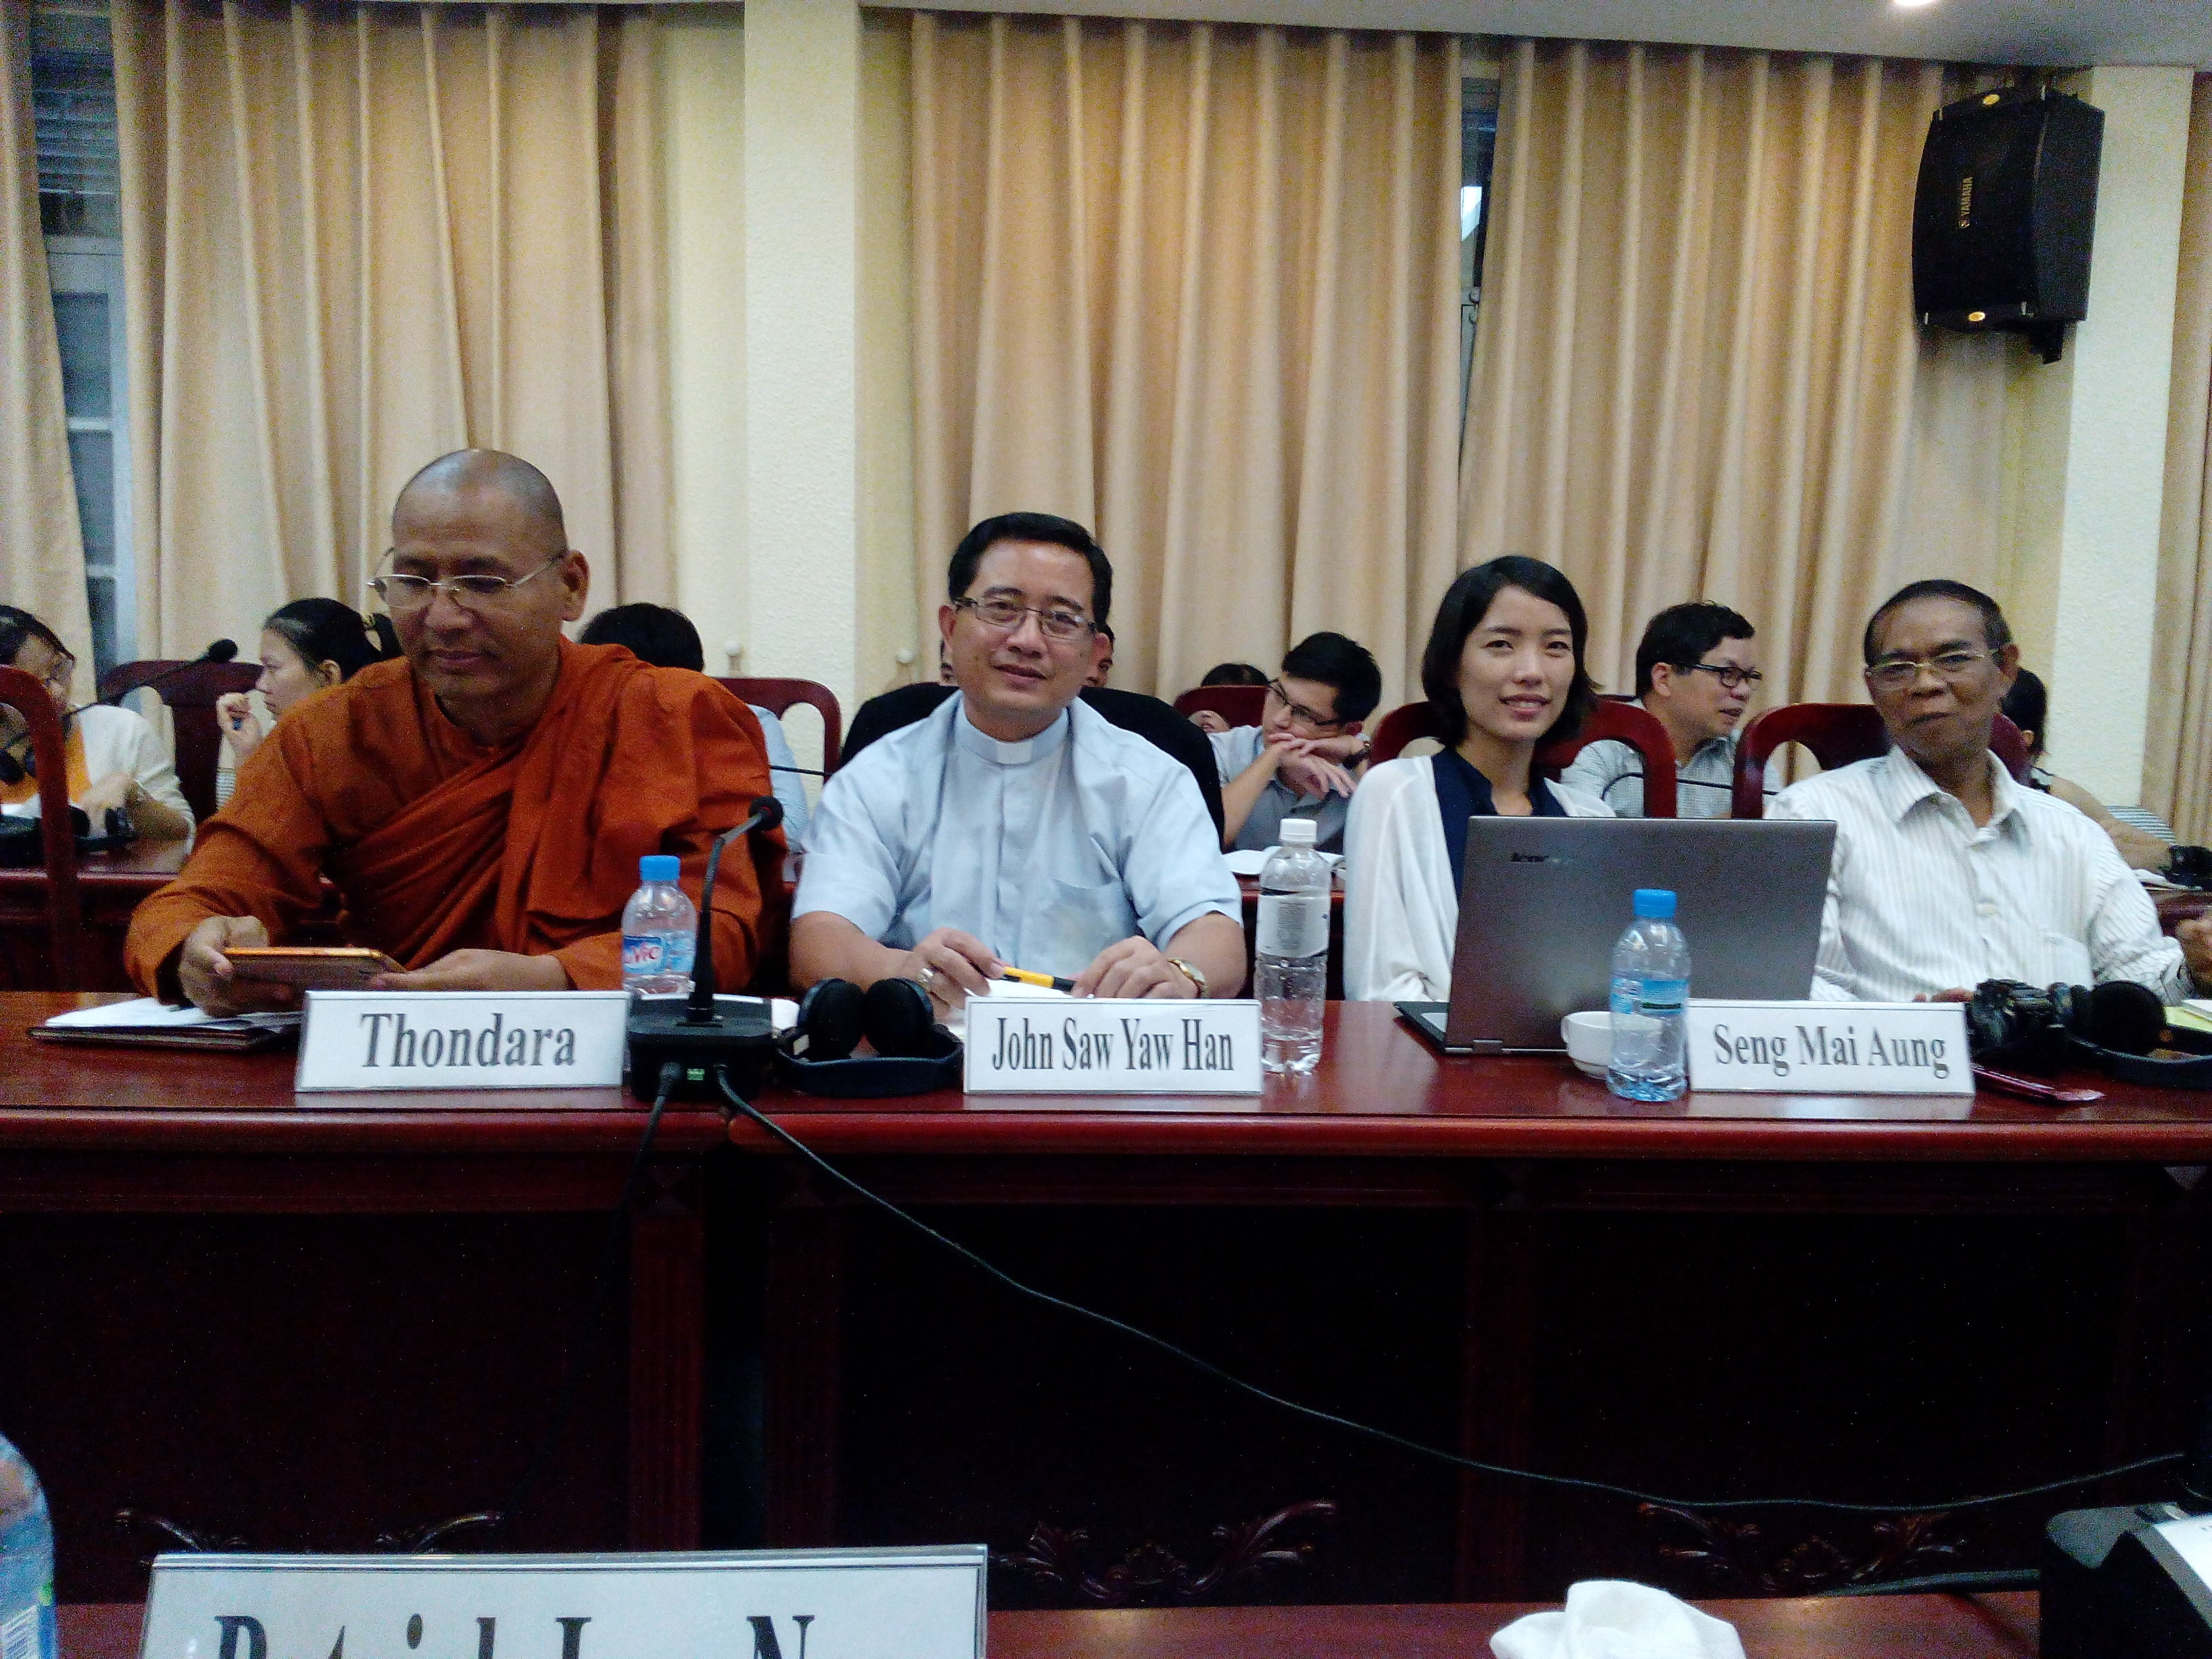 Myanmar necesita la voz profética y la valentía moral de sus líderes religiosos para construir la paz